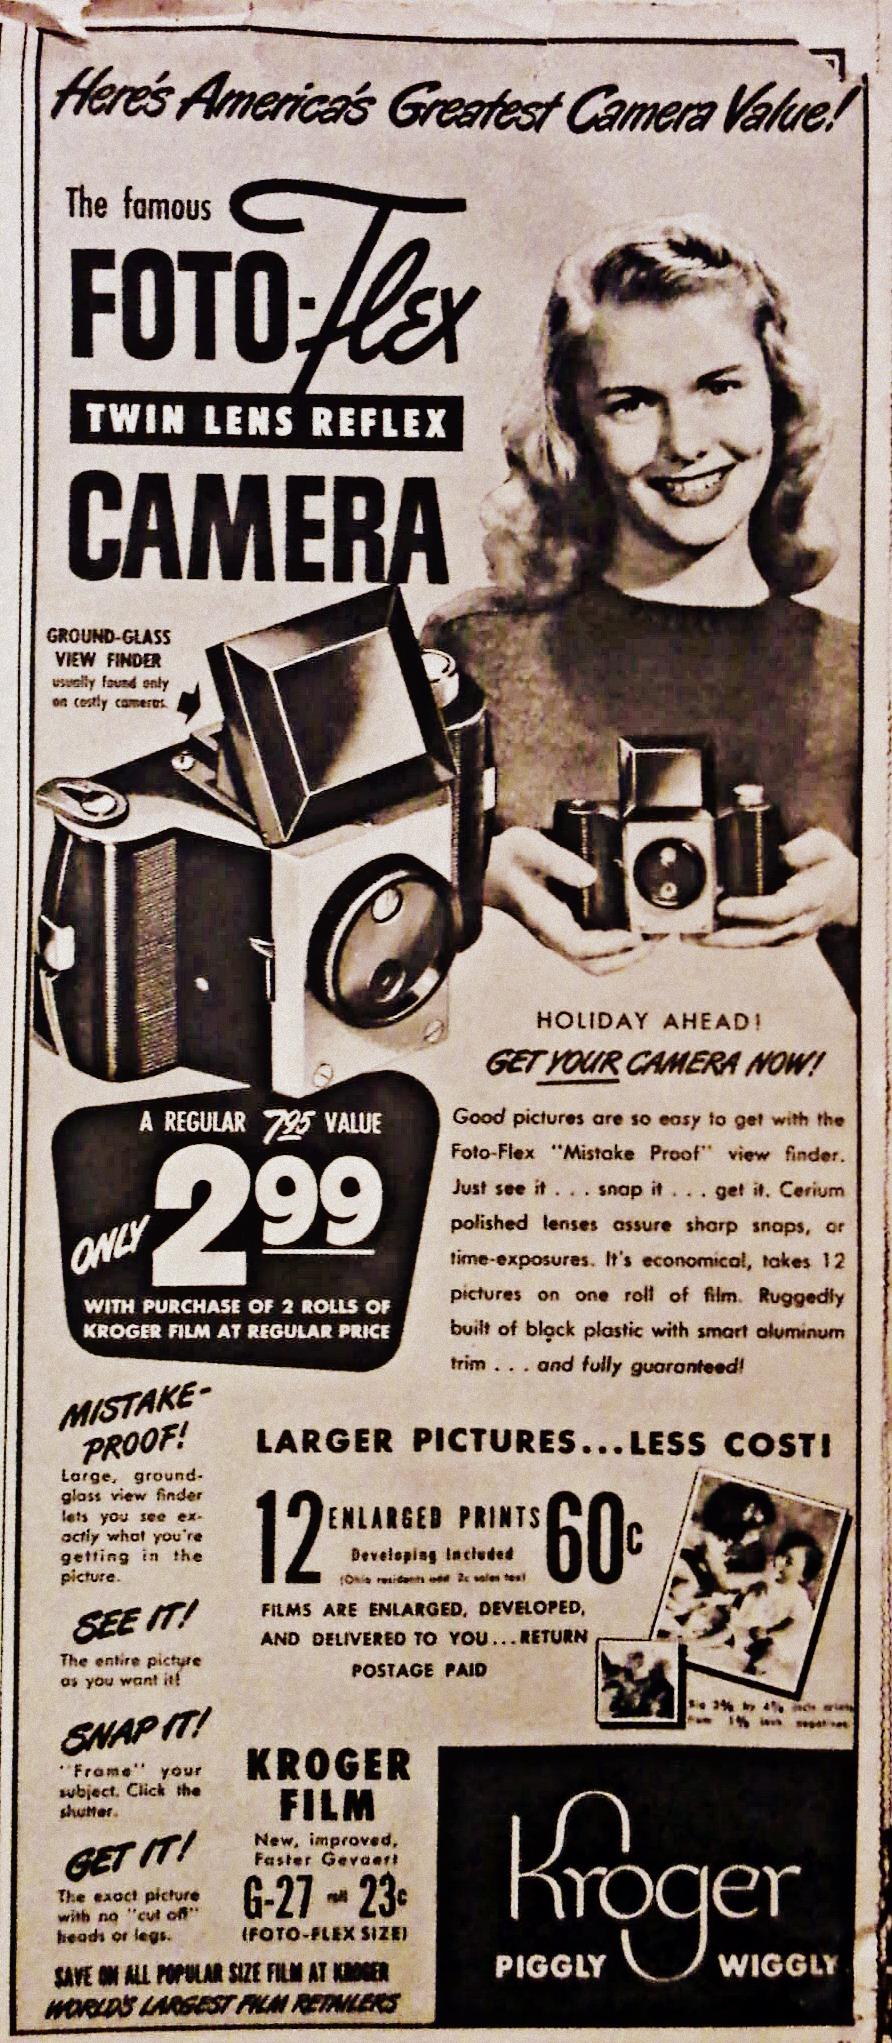 Foto-Flex Camera-Kroger Piggly Wiggly 1947